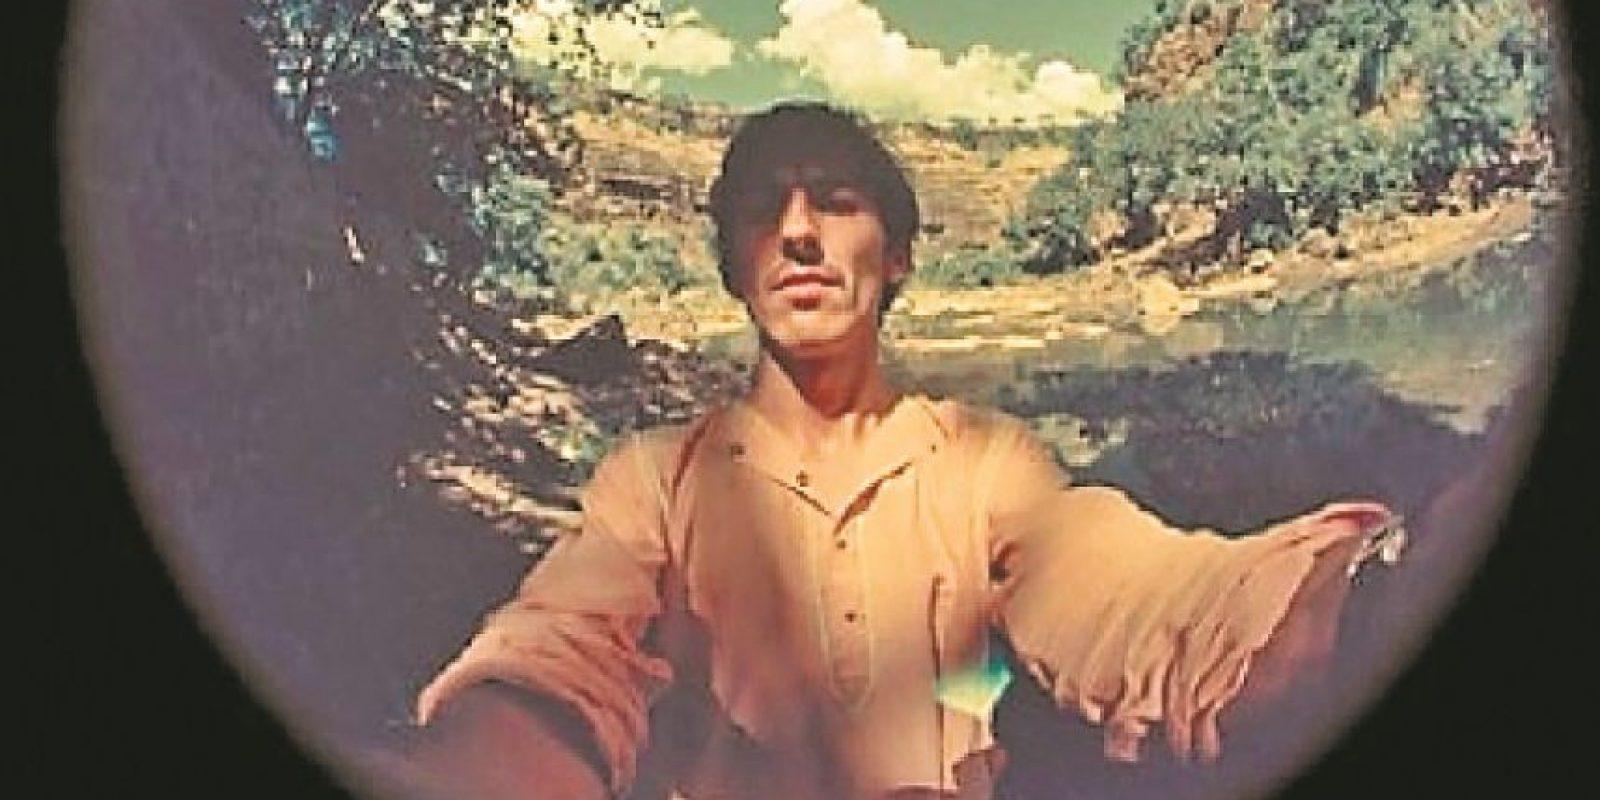 El viaje de George Harrison a Bombay resultó en una serie de selfies con mucho estilo. Foto:Internet